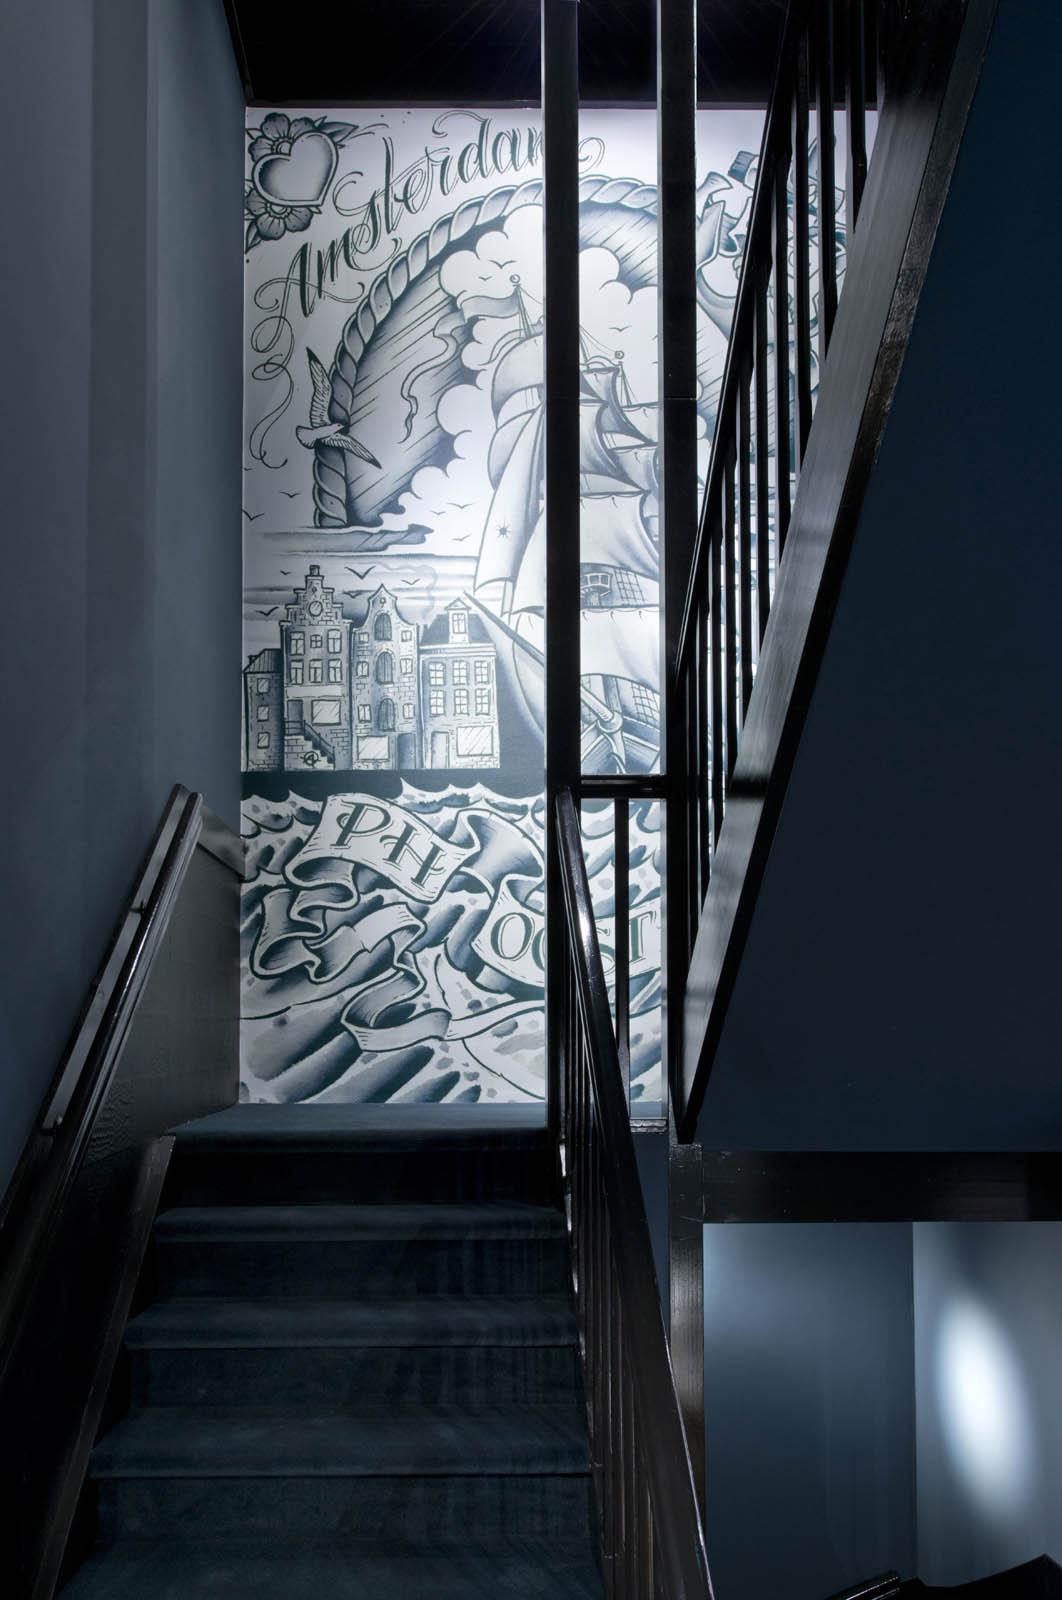 Staircase, Piet hein hotel, by Jeroen de Nijs